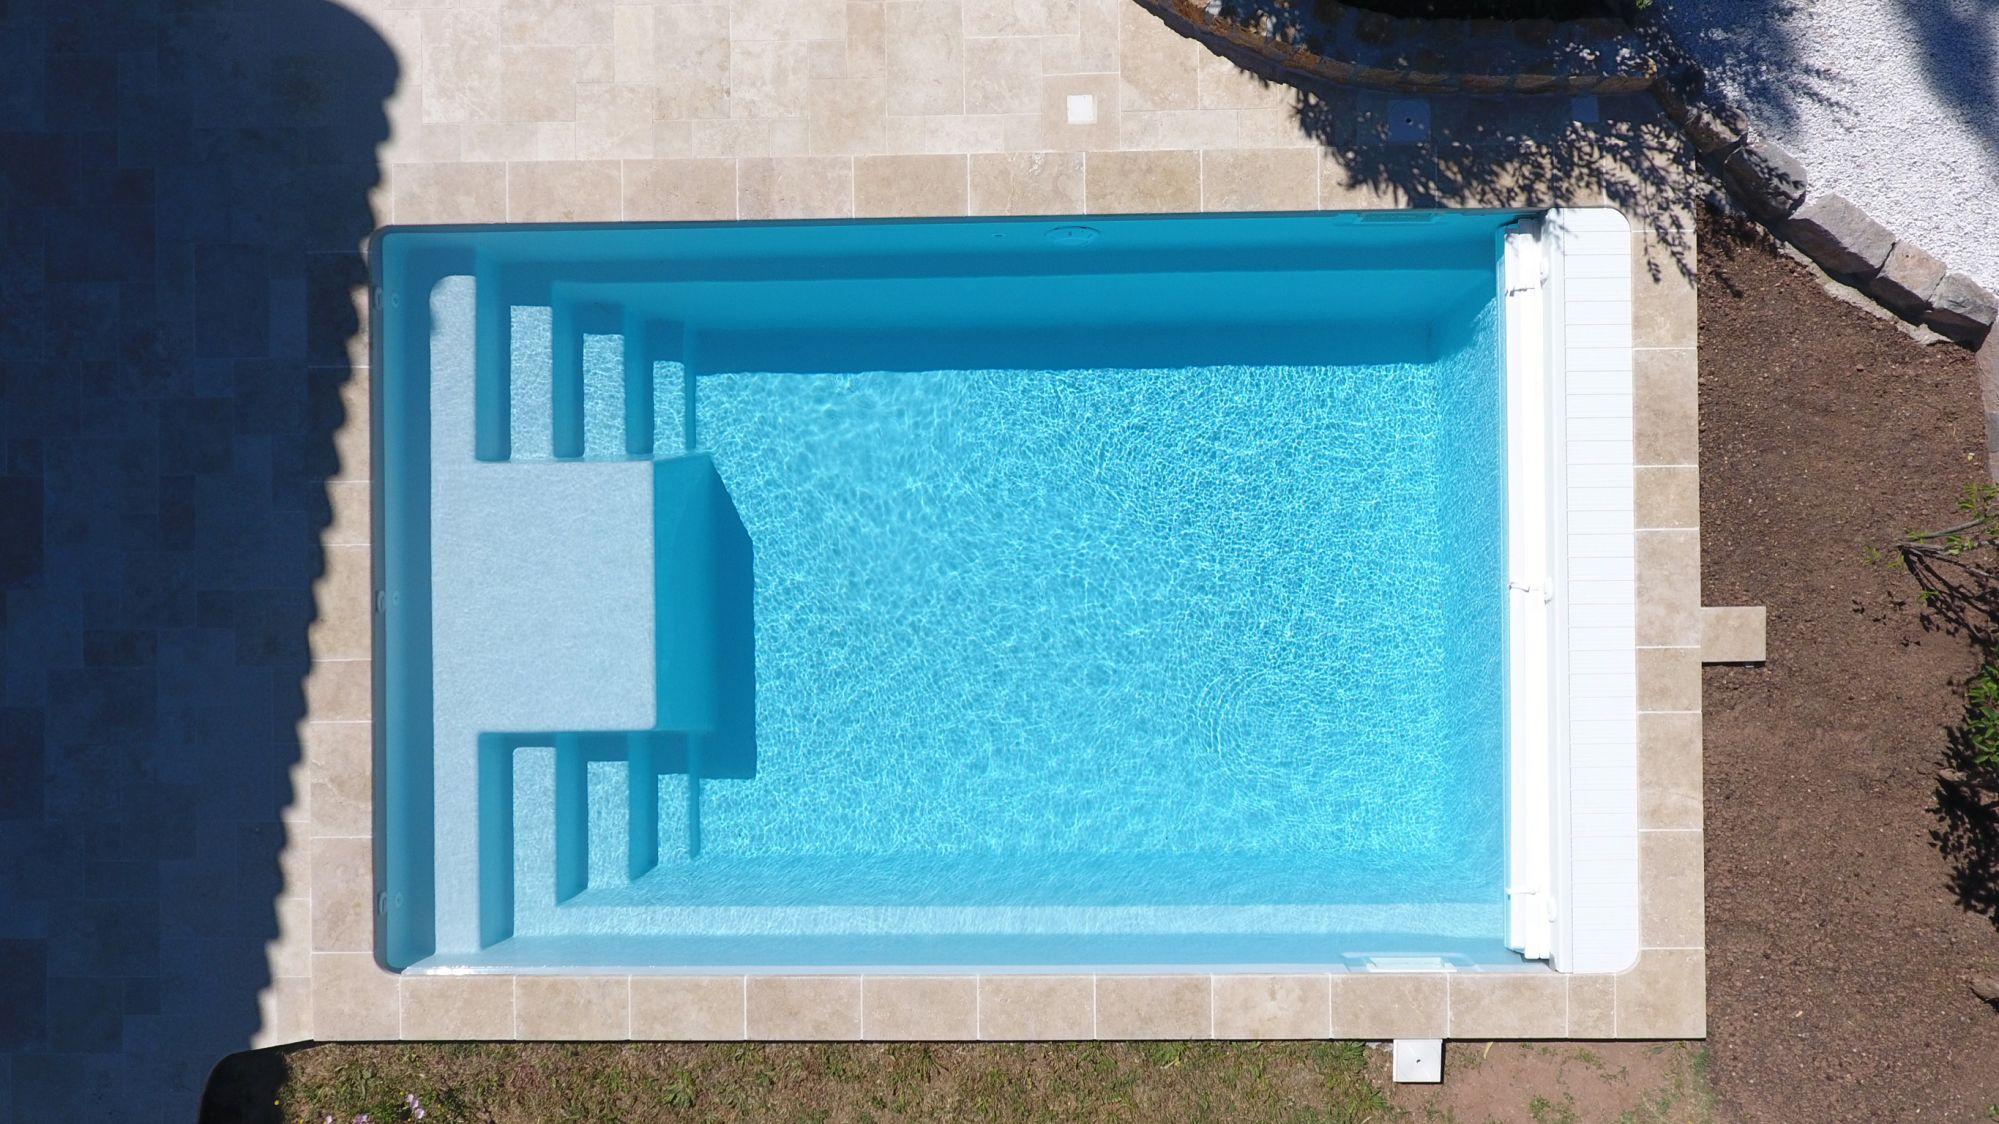 Materiel Piscine La Ciotat galaxite 7.60 piscine coque en polyester rectangulaire à